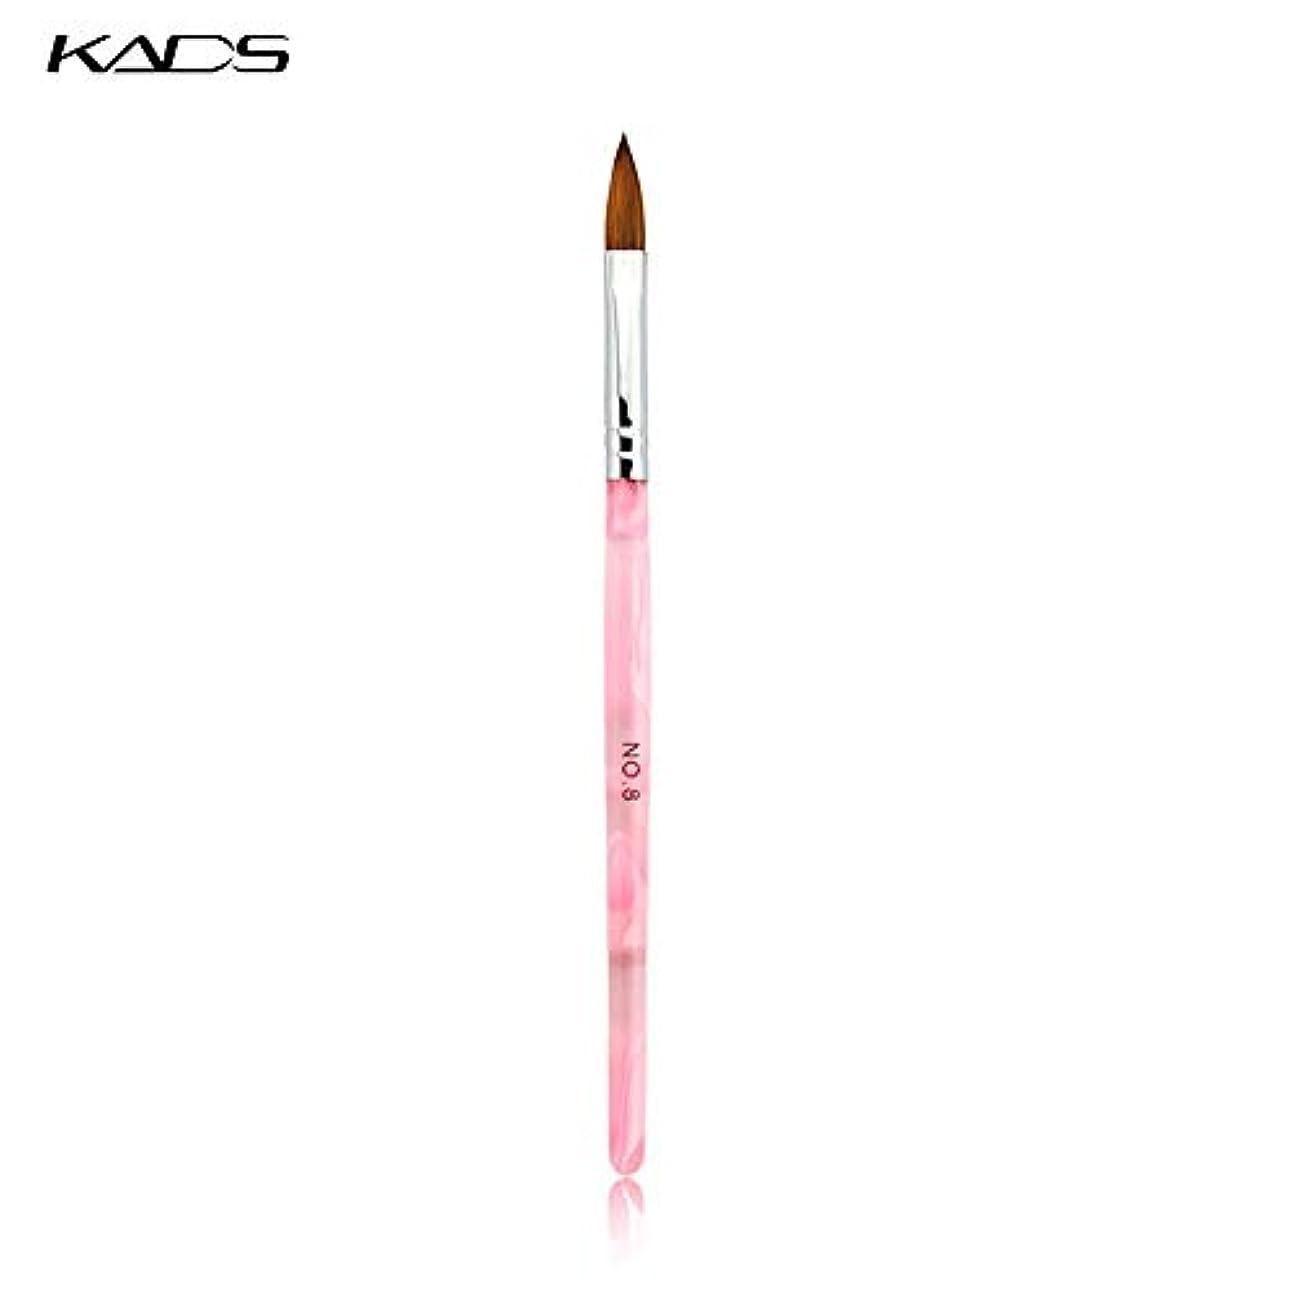 供給不一致単調なKADS アクリル用ネイル筆/ブラシ 1本 8# コリンスキー筆 ネイルアートペンネイルアートツール (8#)